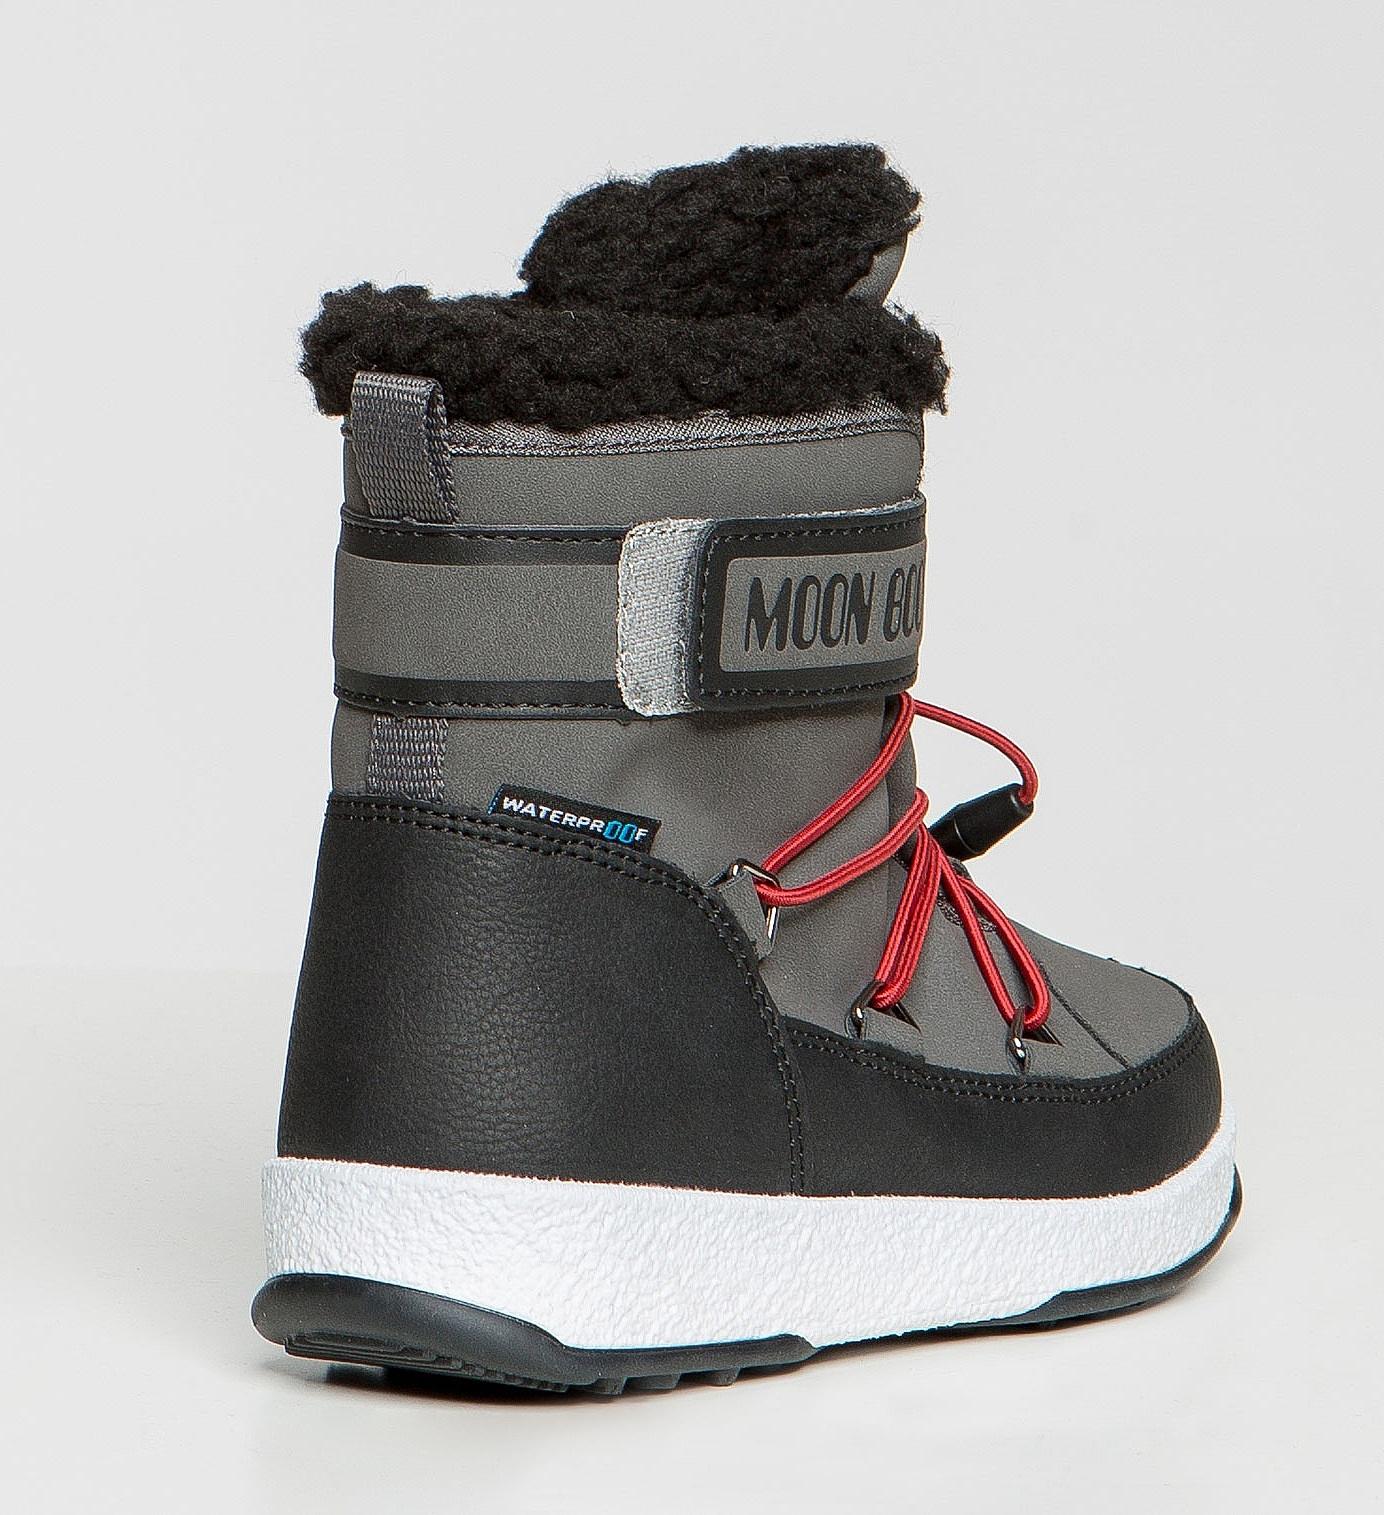 Topánky Tecnica Moon Boot We Boot - Black Dark Gray   Předchozí Další   6ac97bfbcd4